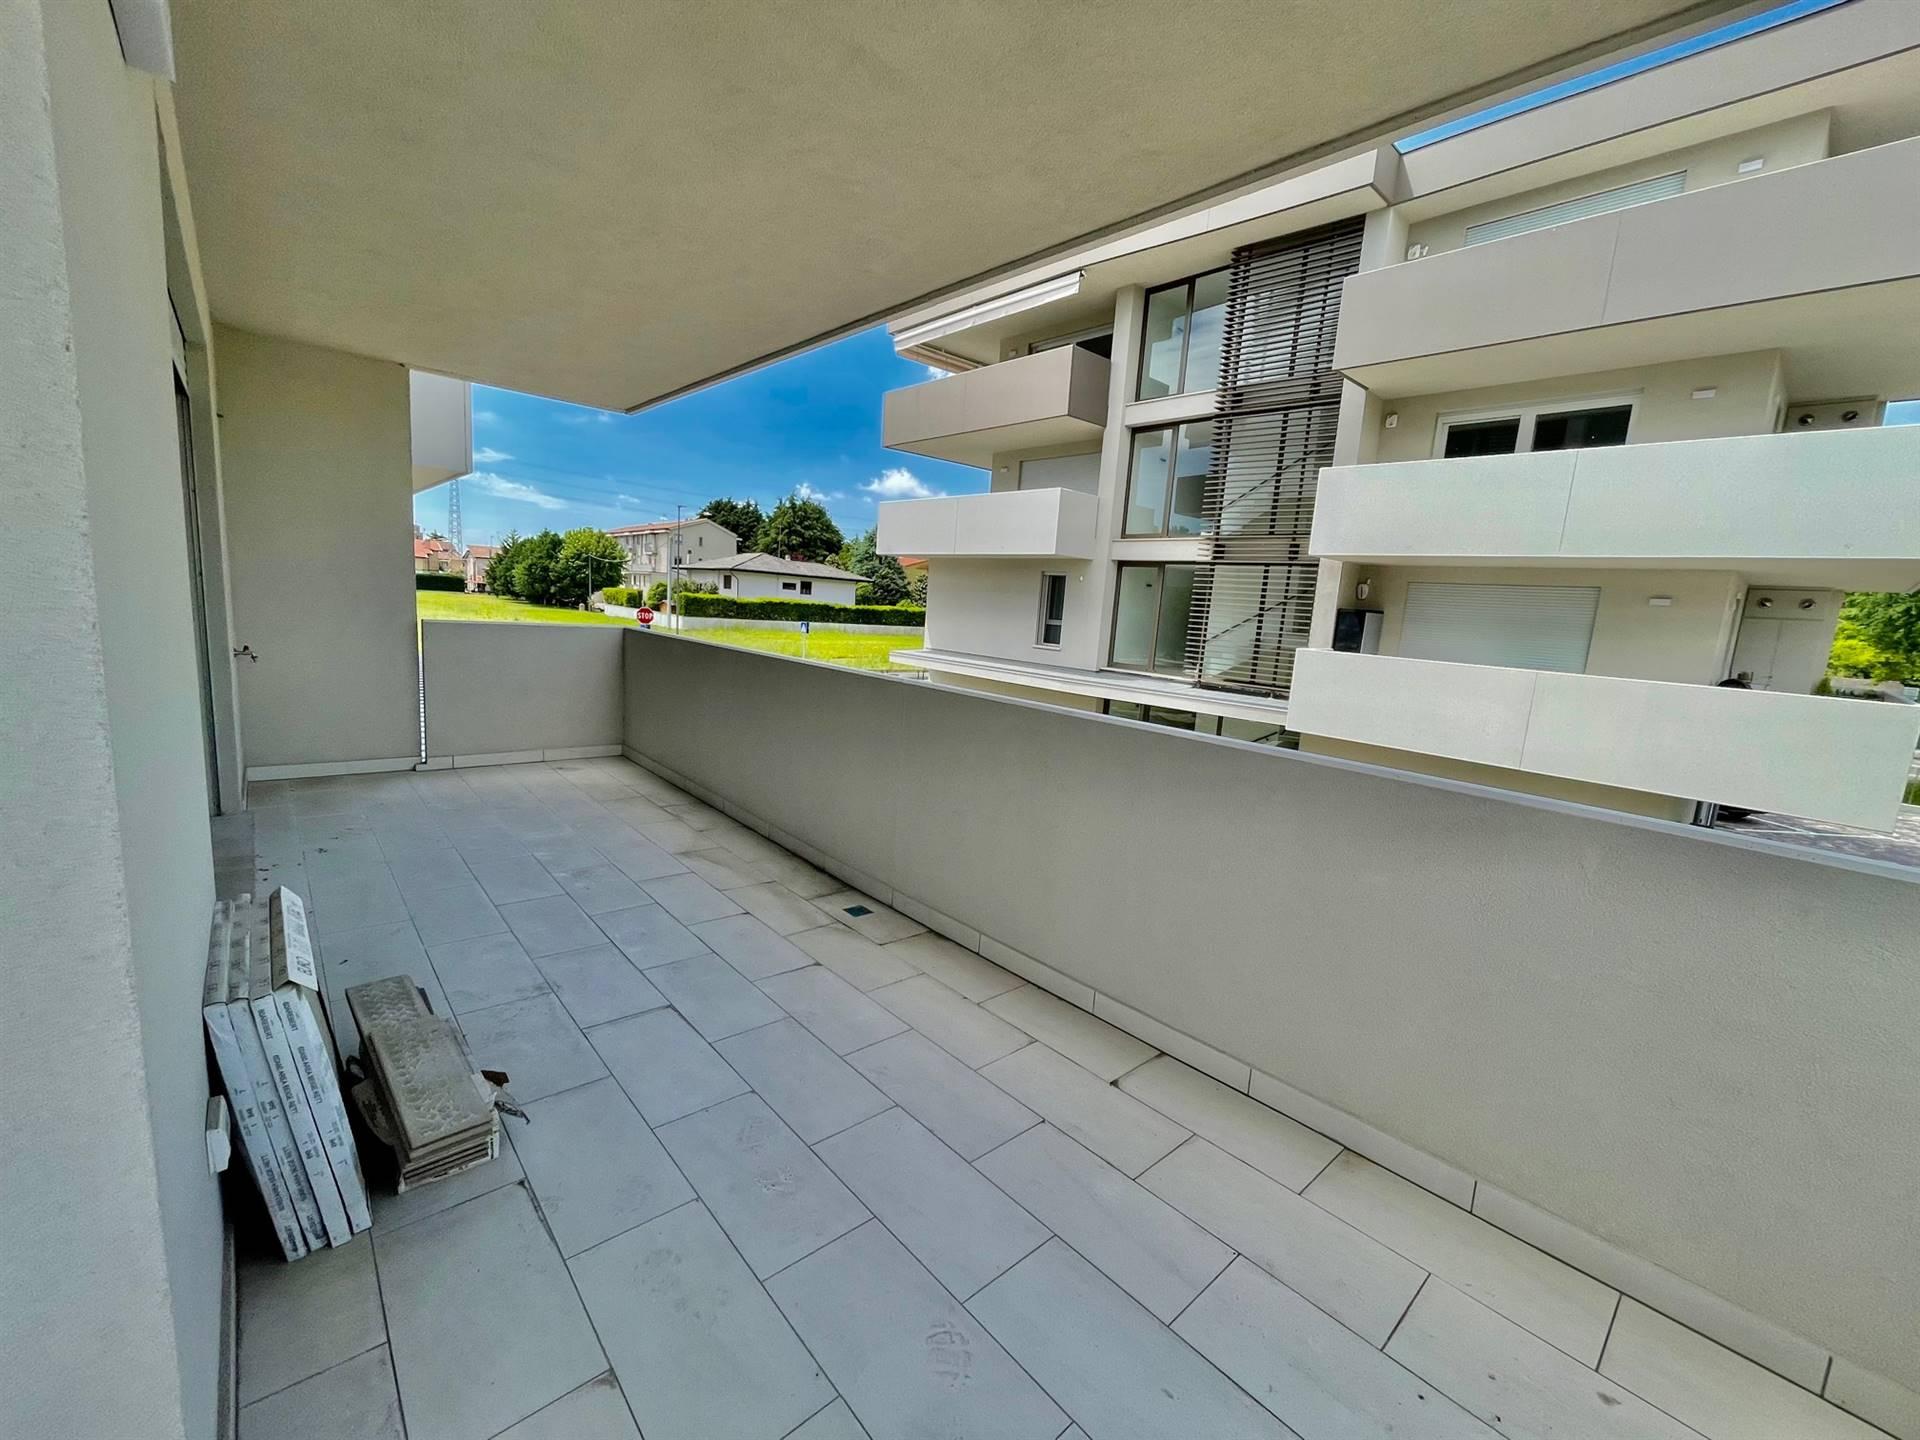 Spinea nuovo appartamento due camere